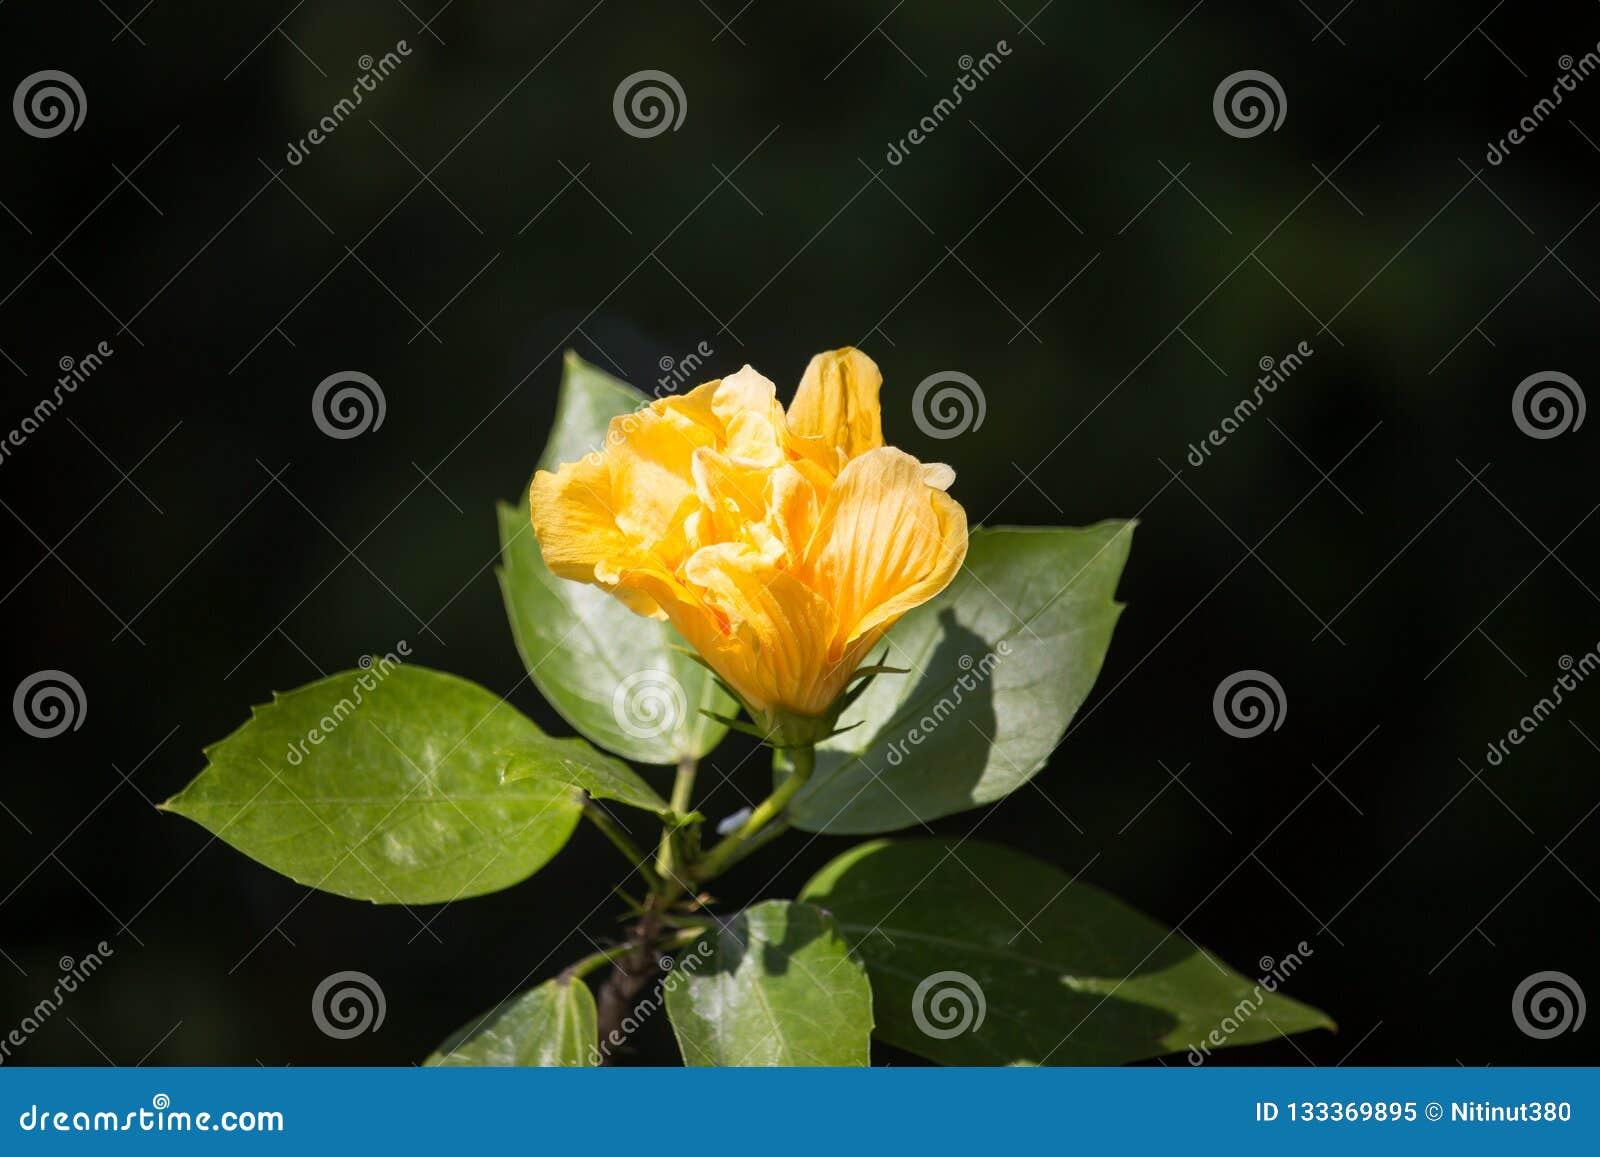 Flor amarela do hibiscus no fundo preto do dard